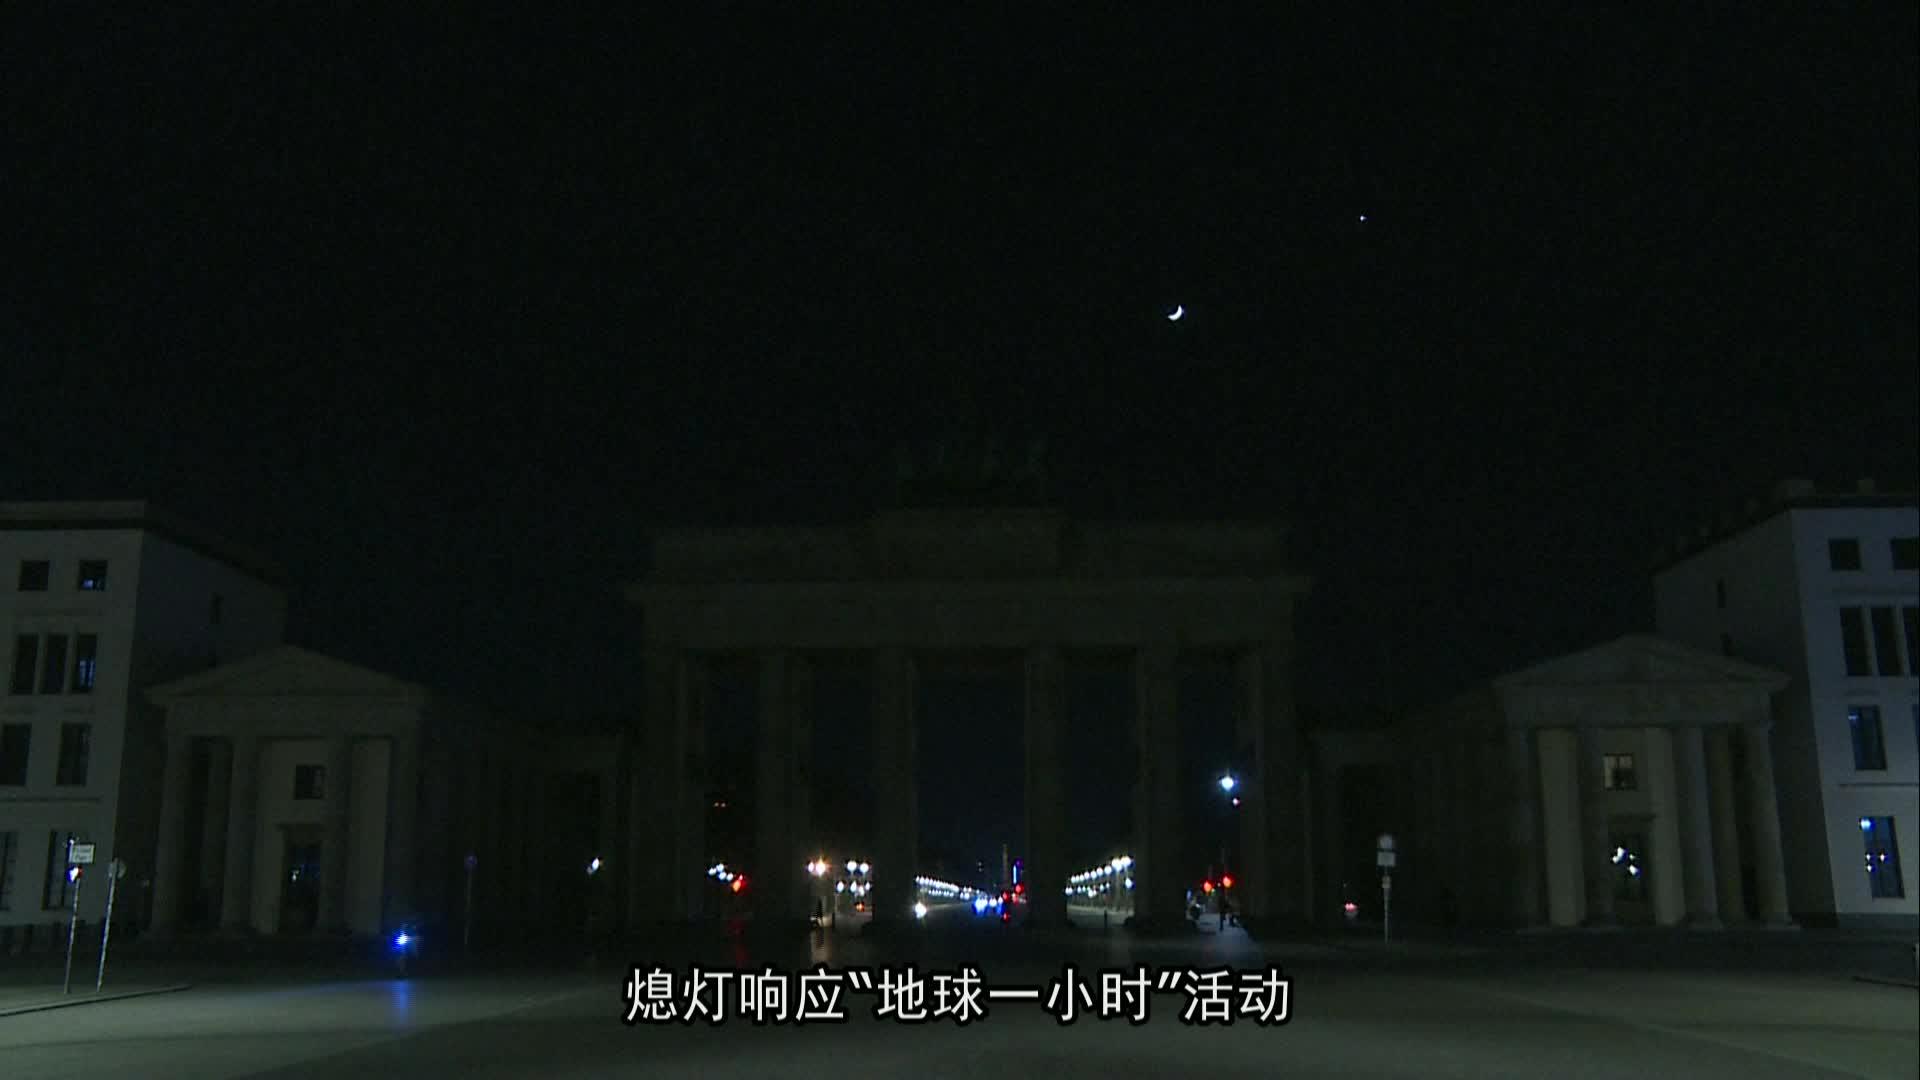 柏林熄灯响应地球一小时